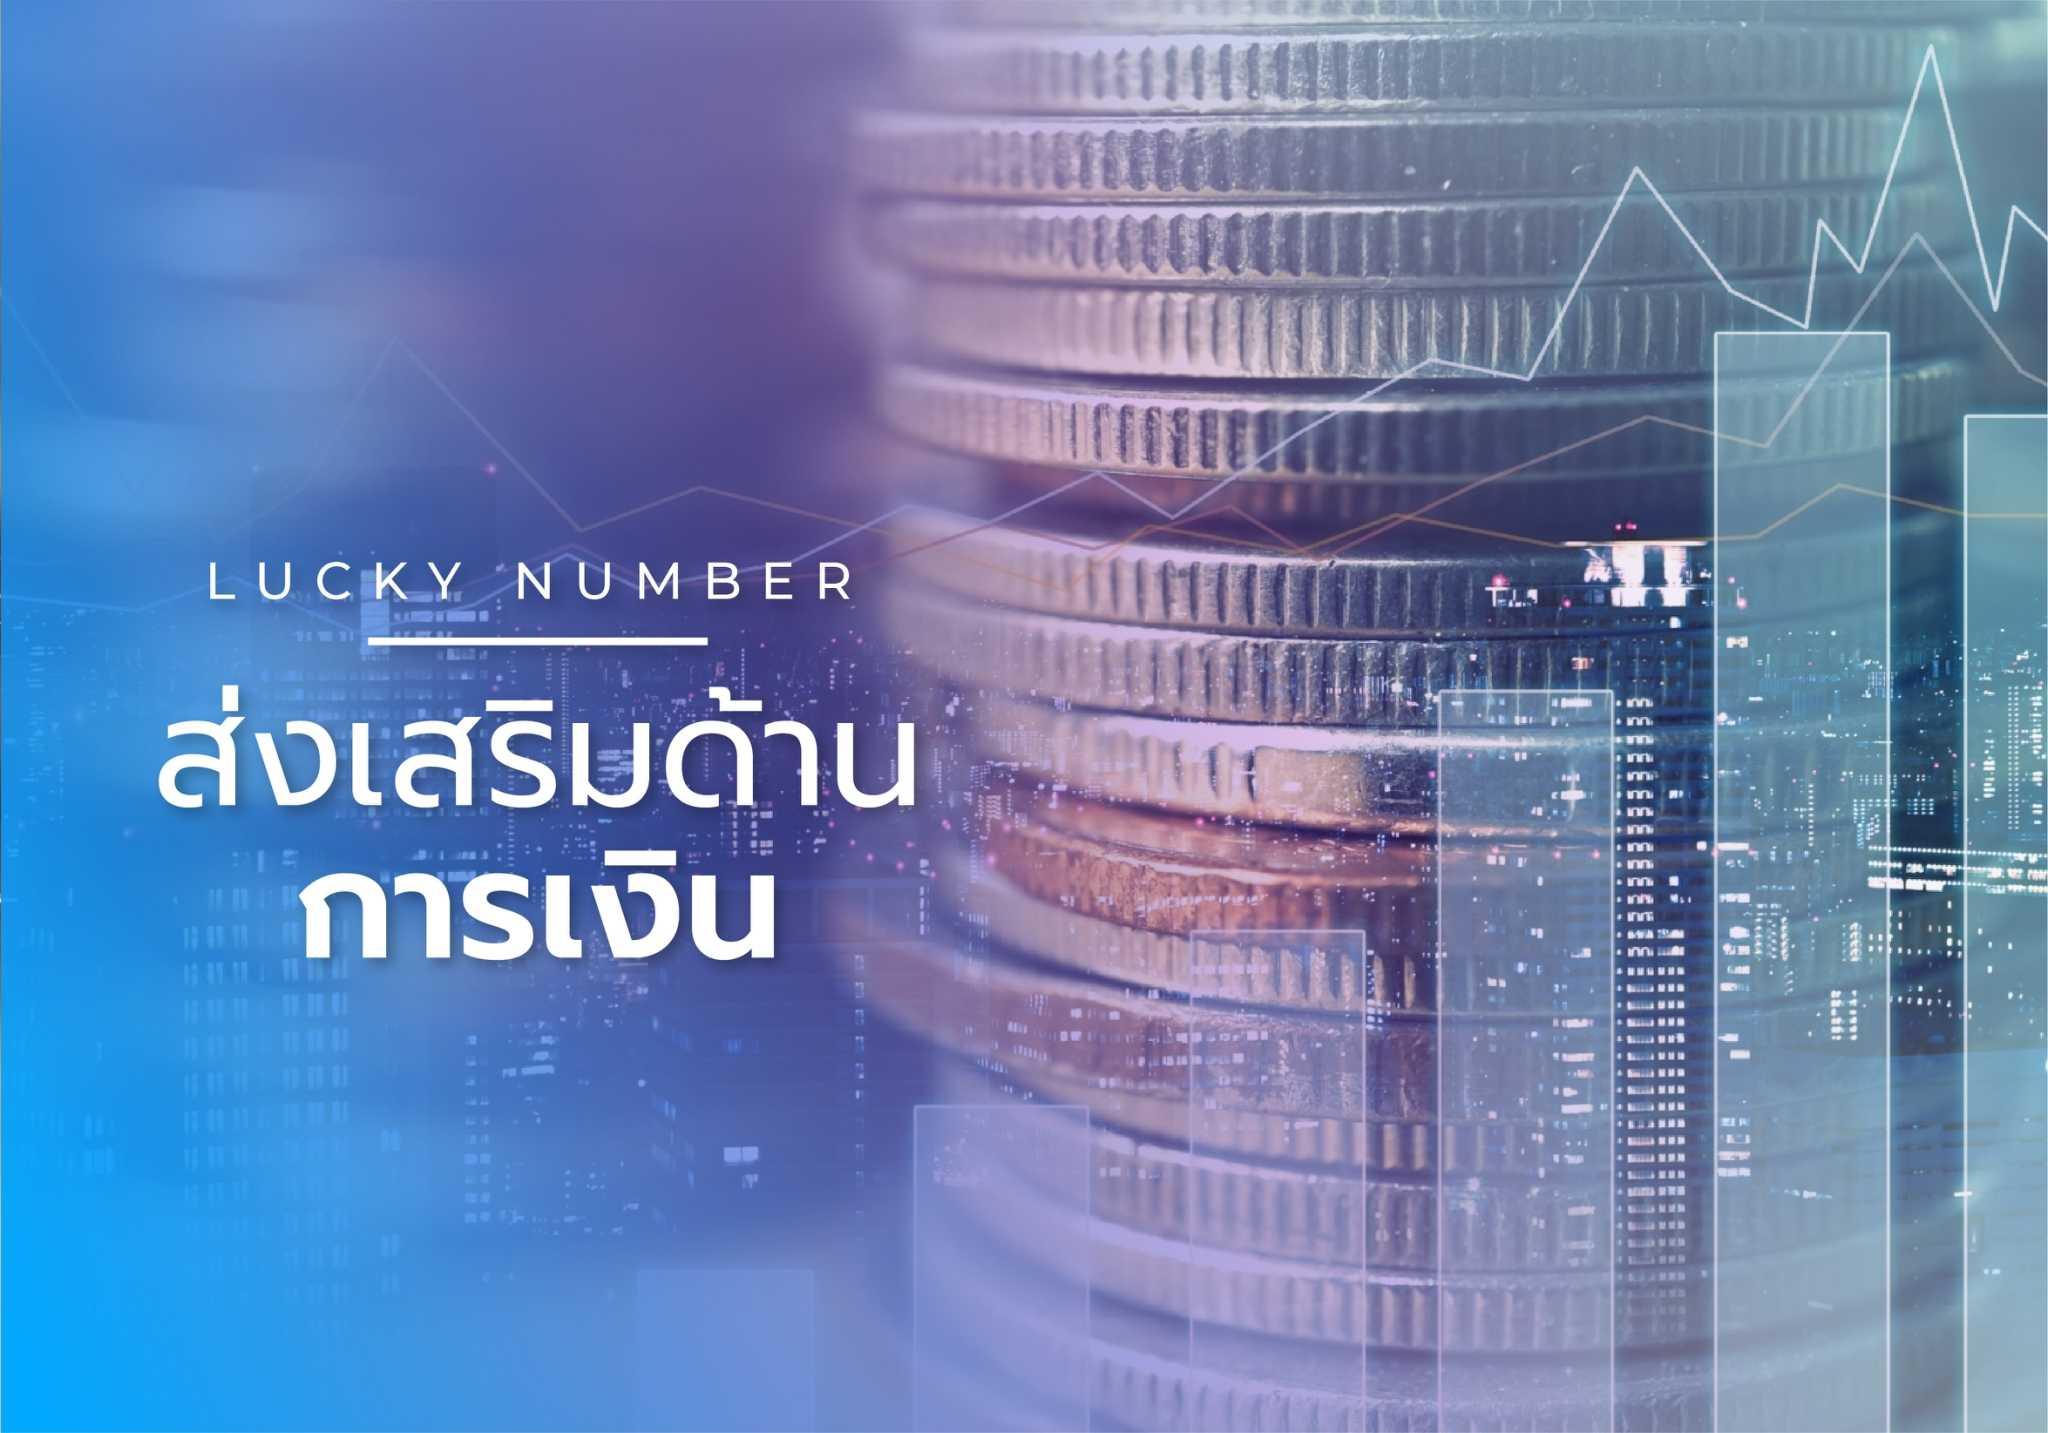 lucky namber-money